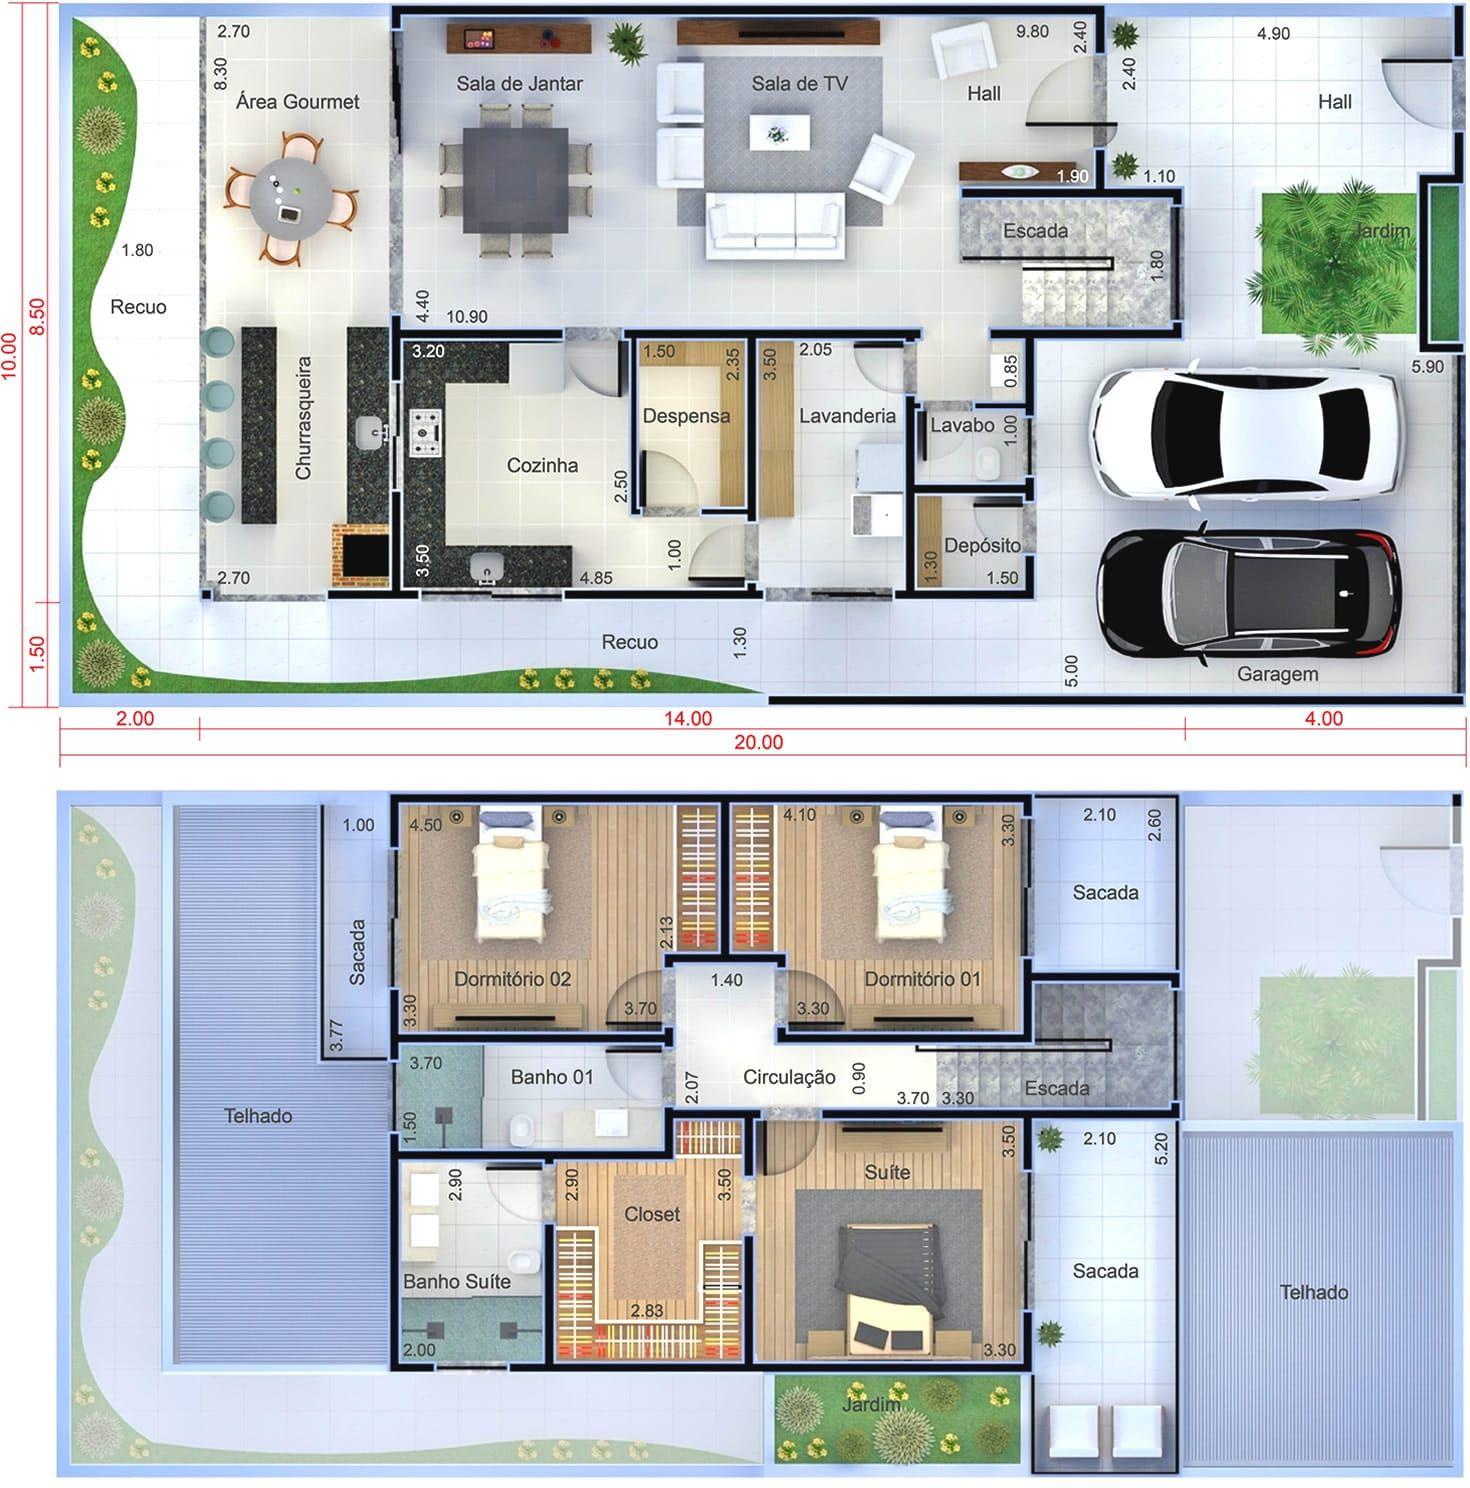 planta de sobrado moderno com 3 quartos. planta para terreno 10x20